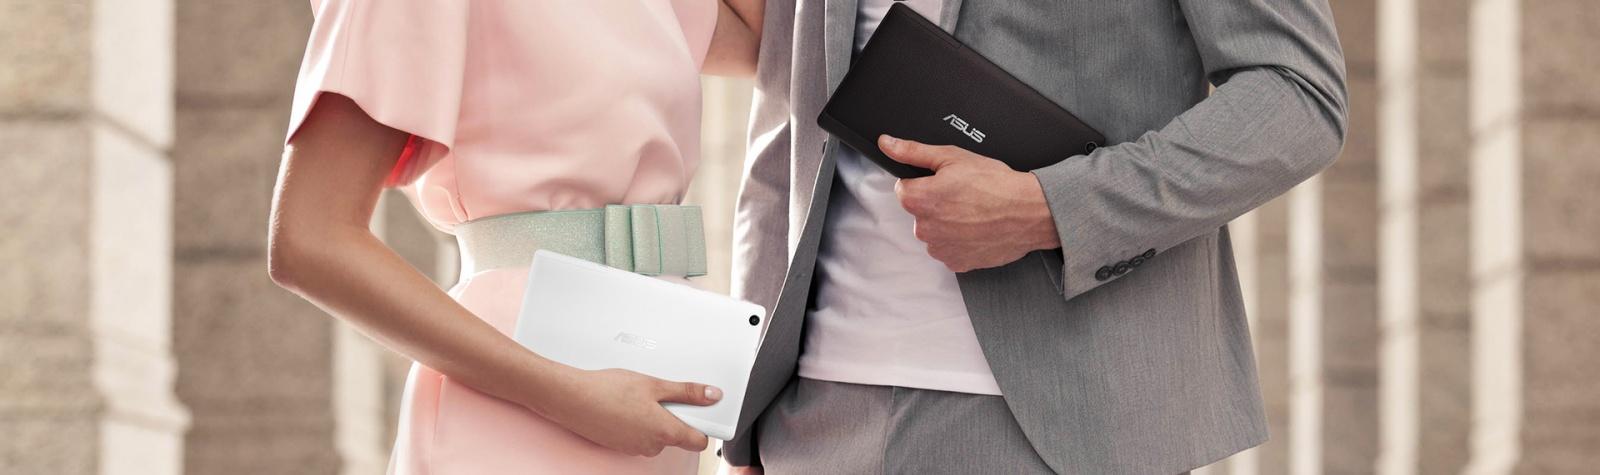 Обзор планшета ASUS ZenPad 8.0 - 13